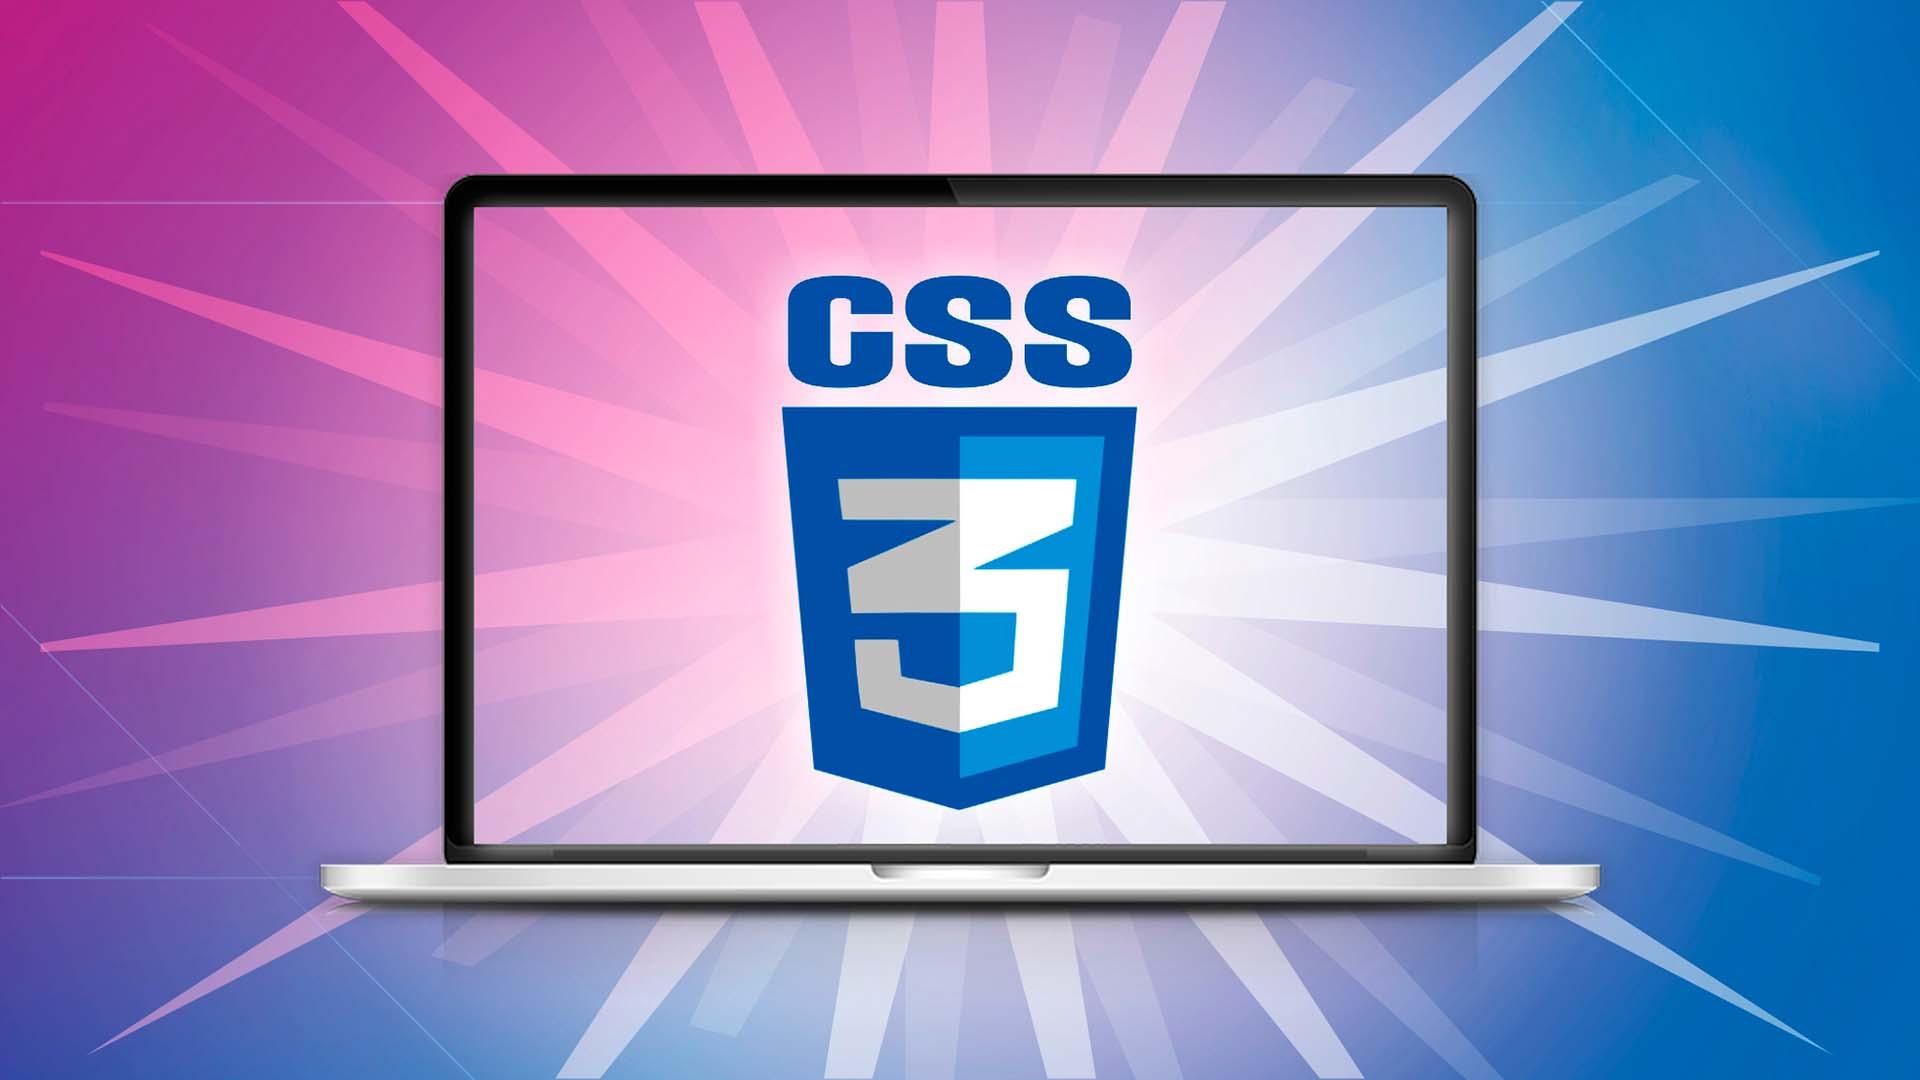 IToo Gratis: Curso en español para aprender a crear animaciones y efectos interactivos con CSS3